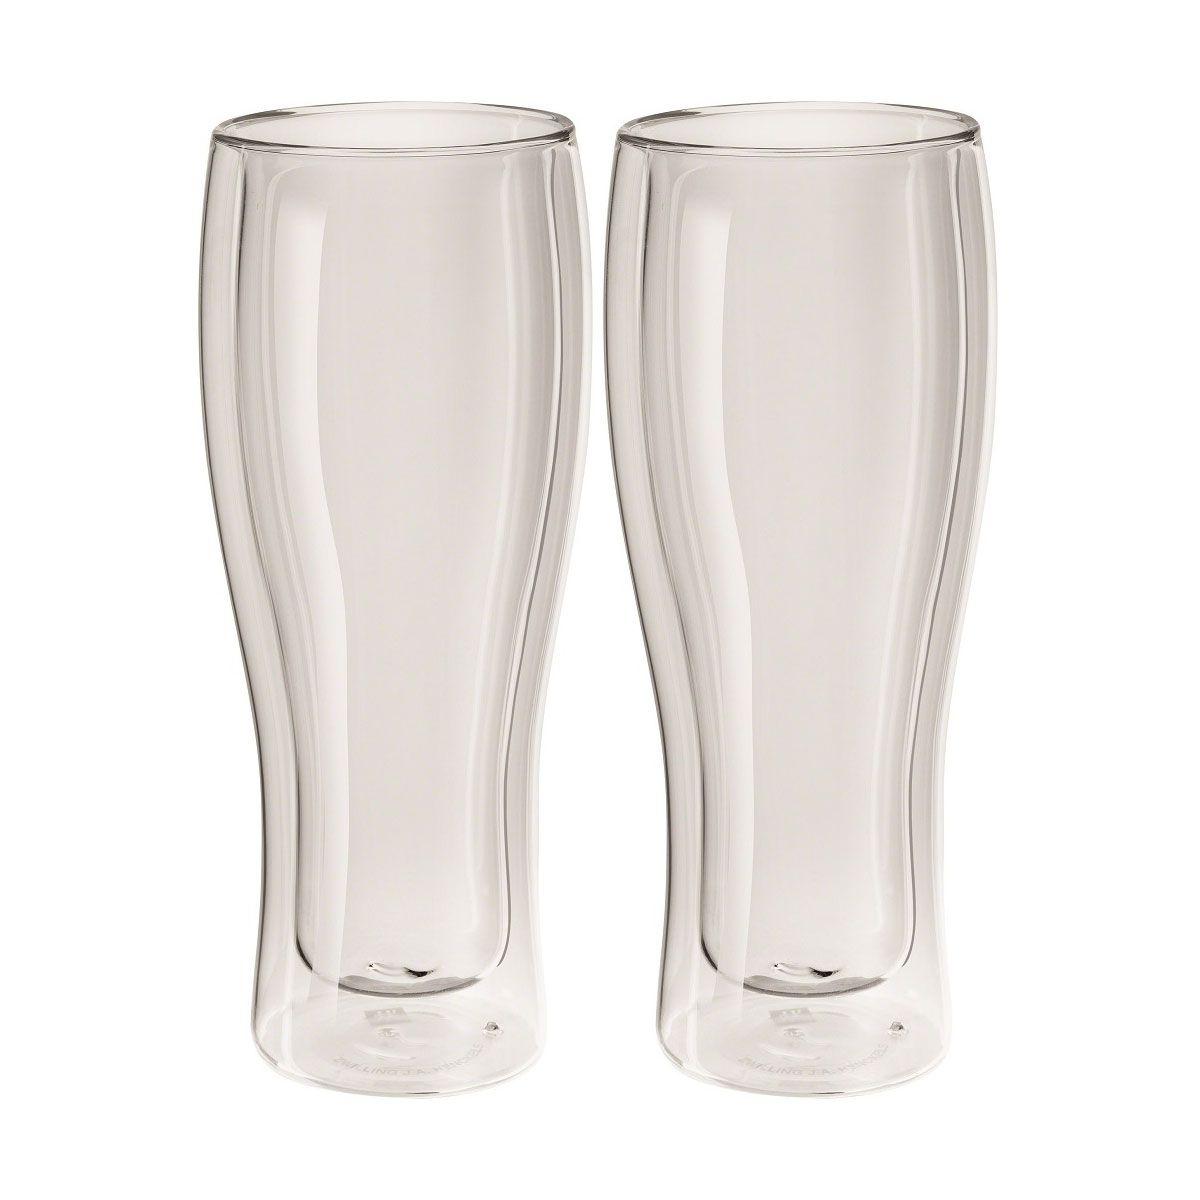 Jogo de 2 Copos Zwilling Vidro Parede Dupla P/ Cerveja 414ml